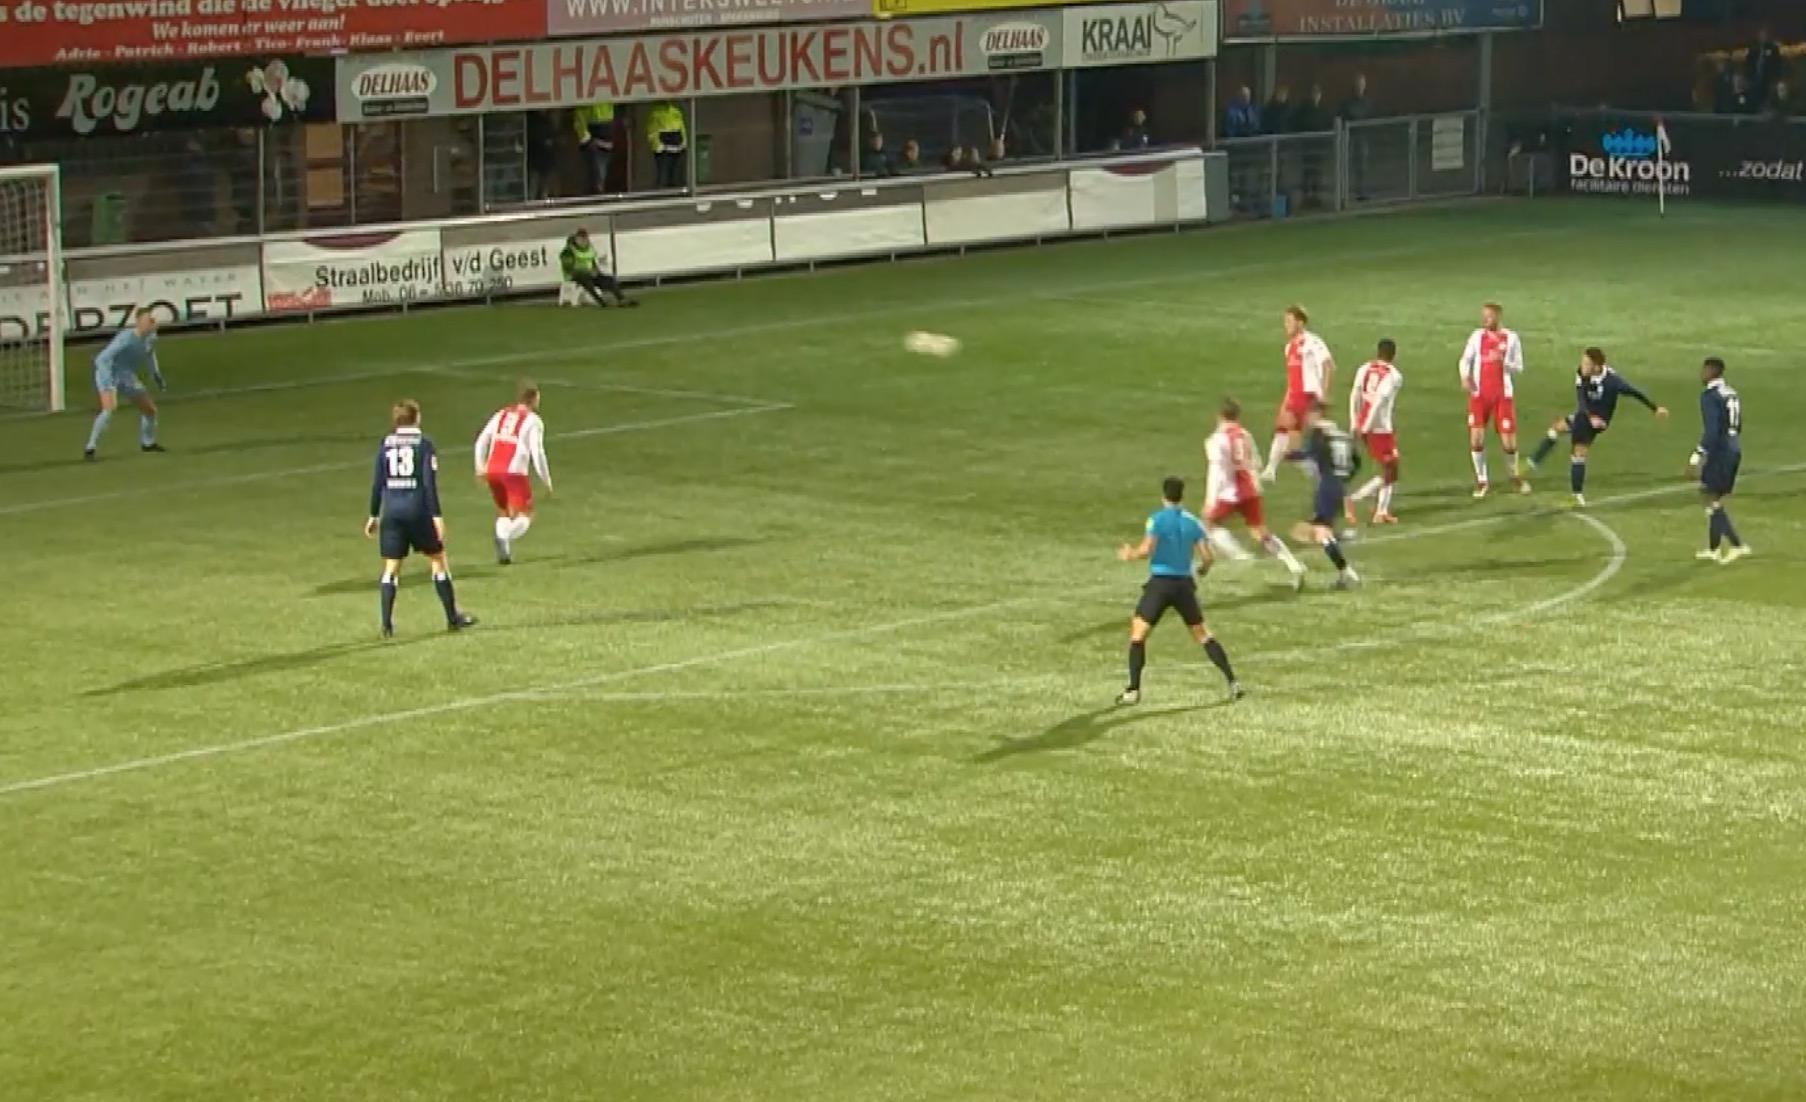 Bekijk hier de doelpunten van de wedstrijd IJsselmeervogels - Koninklijke HFC [video]